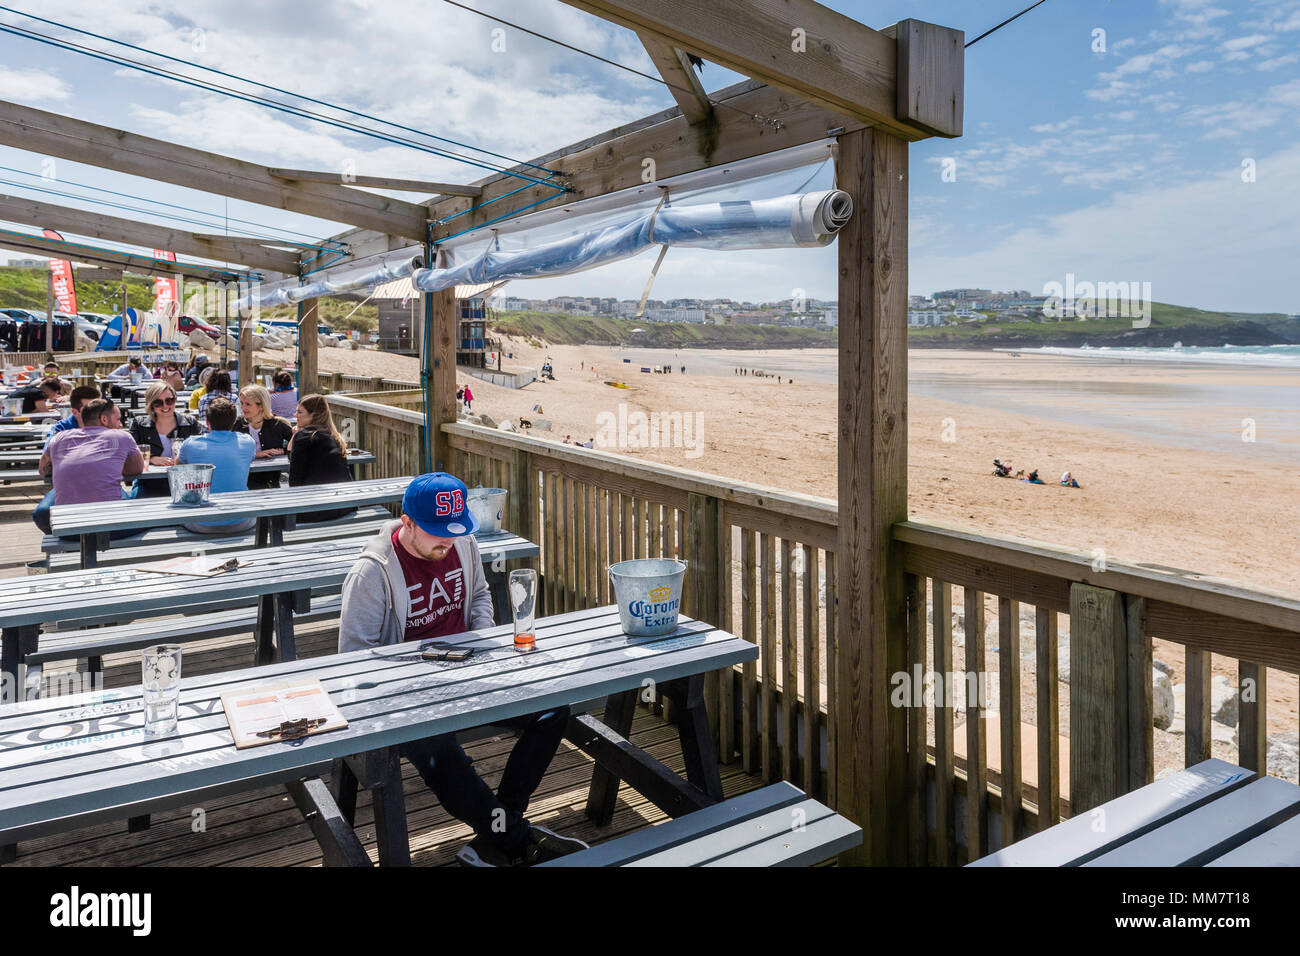 Los Turistas Relajarse En La Terraza Del Bar De La Playa